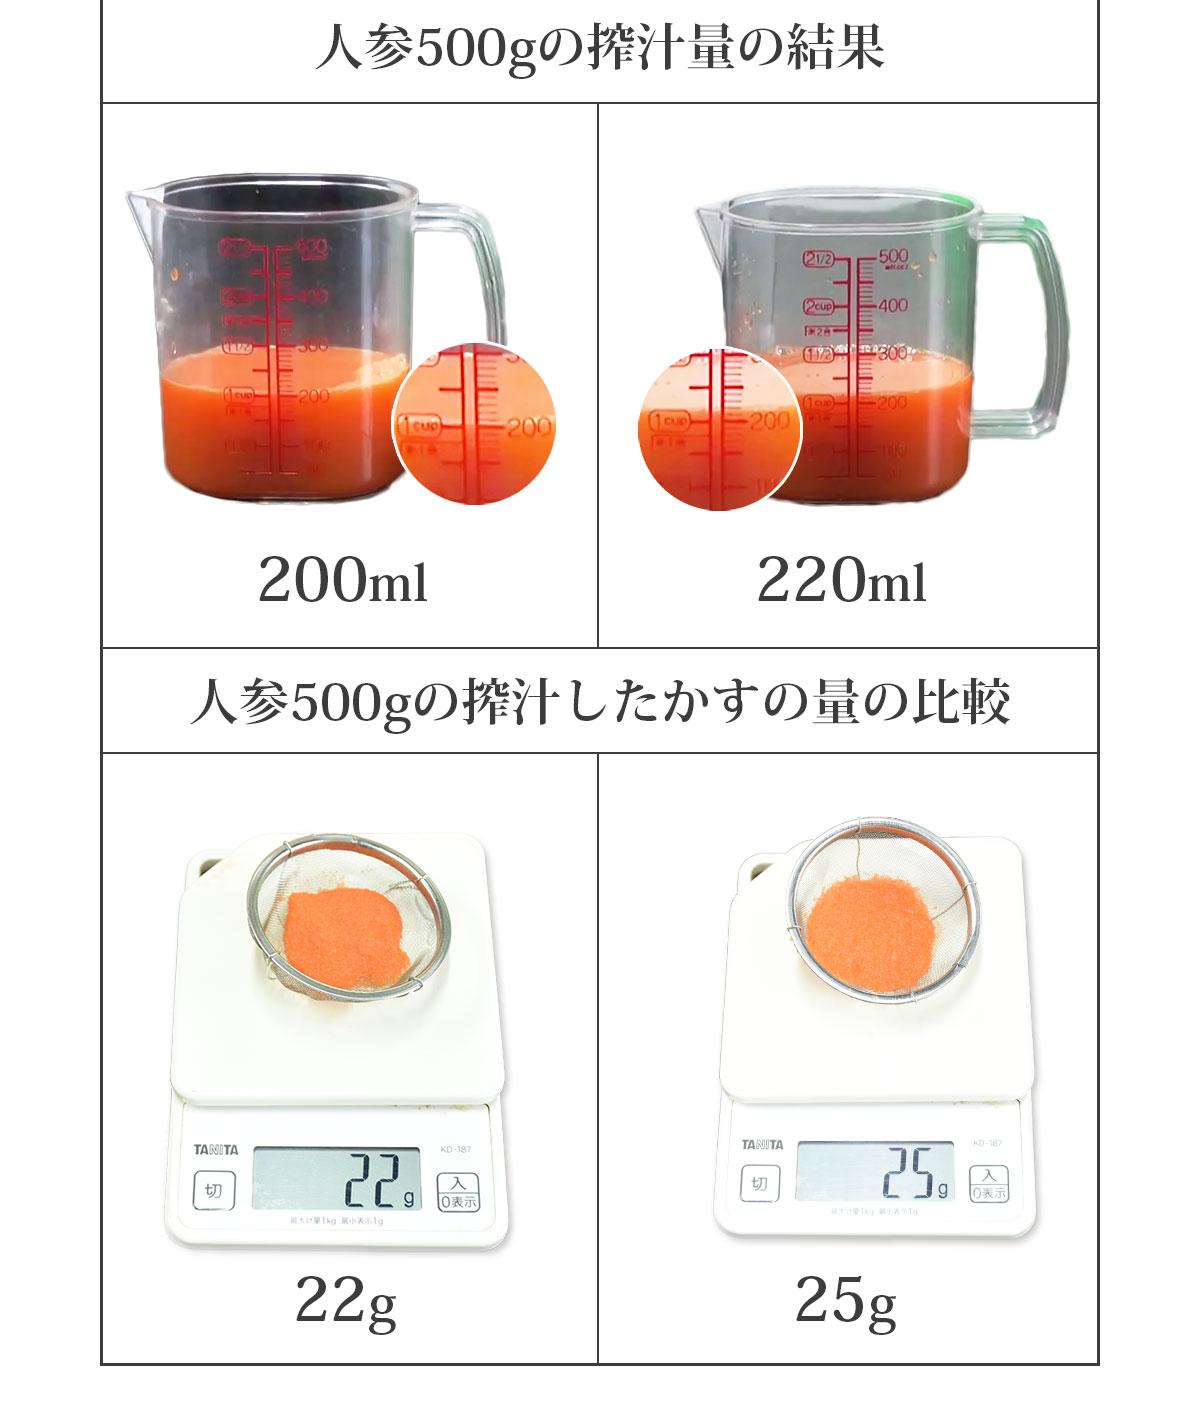 人参500gの搾汁量の結果